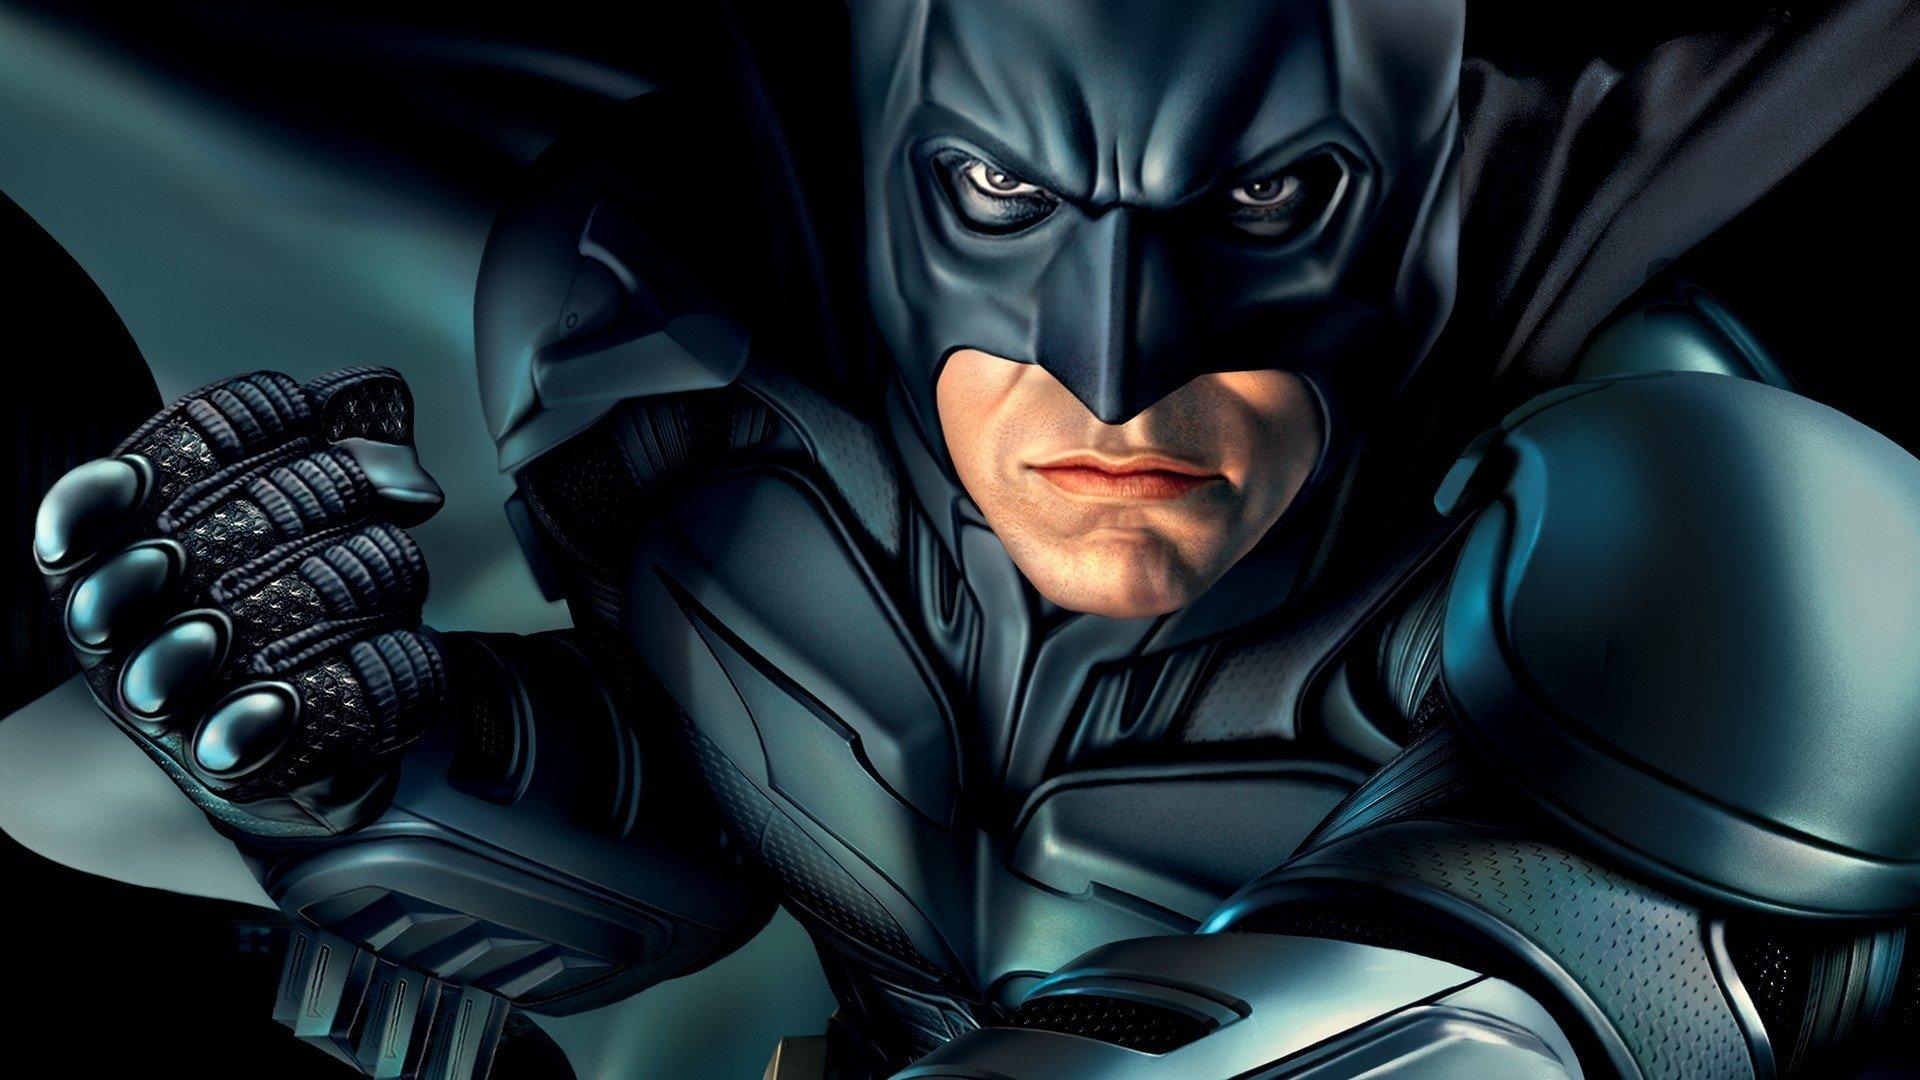 batman 4k wallpaper, batman wallpaper hd 1080p